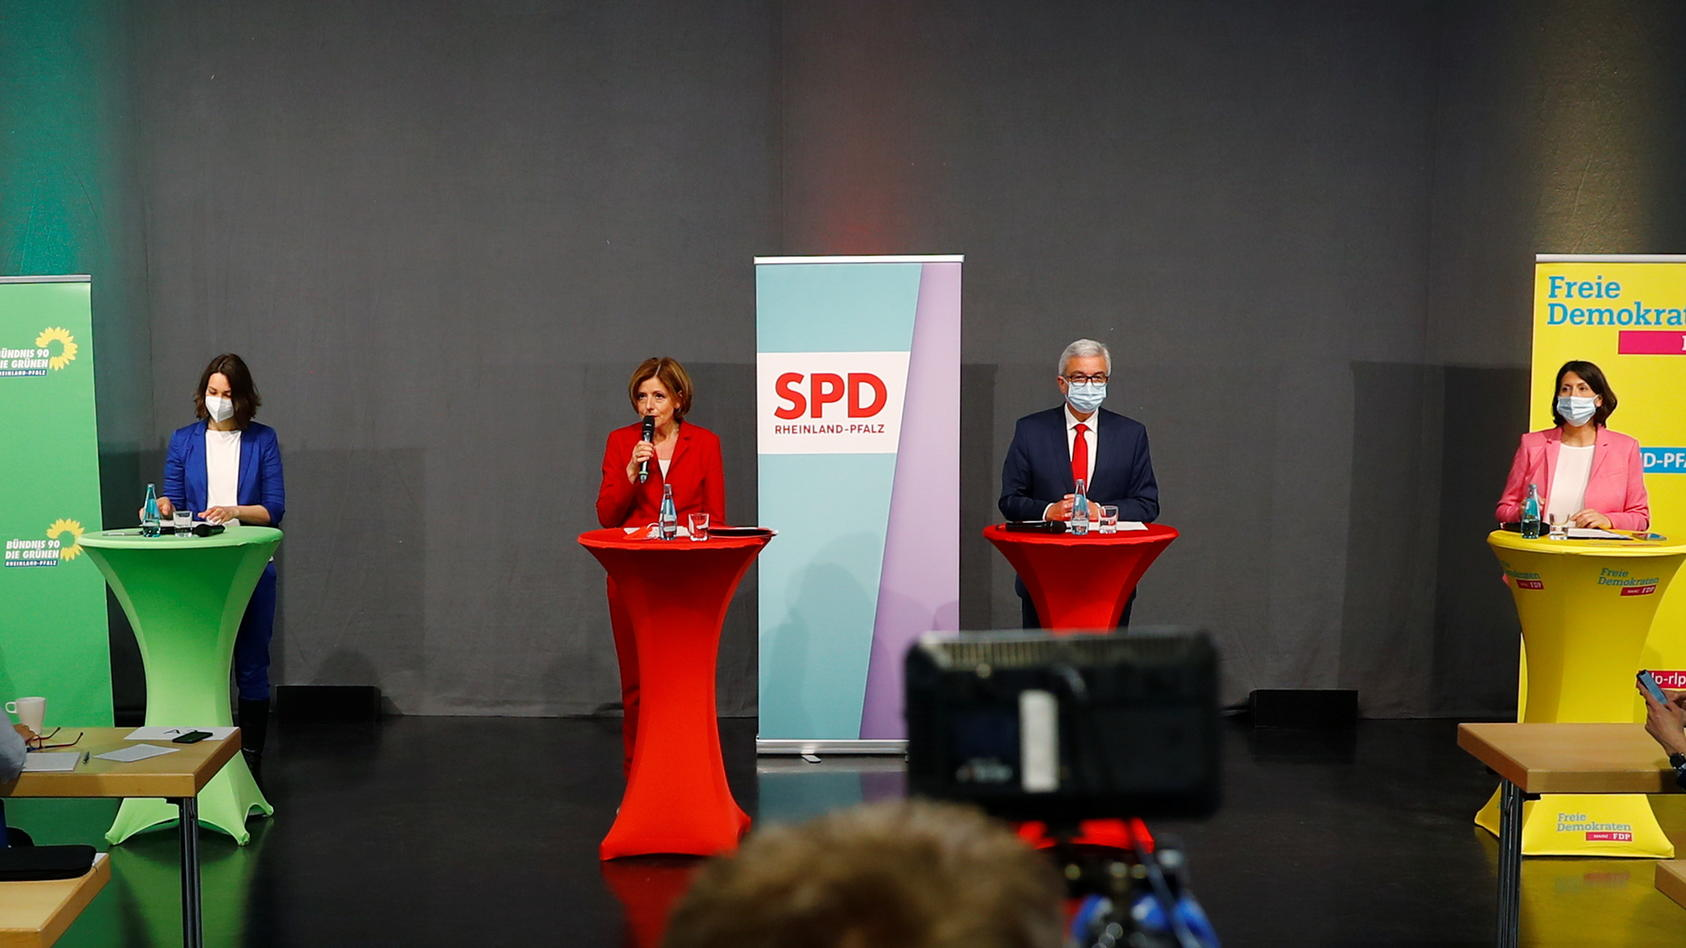 Die zweite Ampelkoalition aus SPD, Grünen und FDP in Rheinland-Pfalz steht